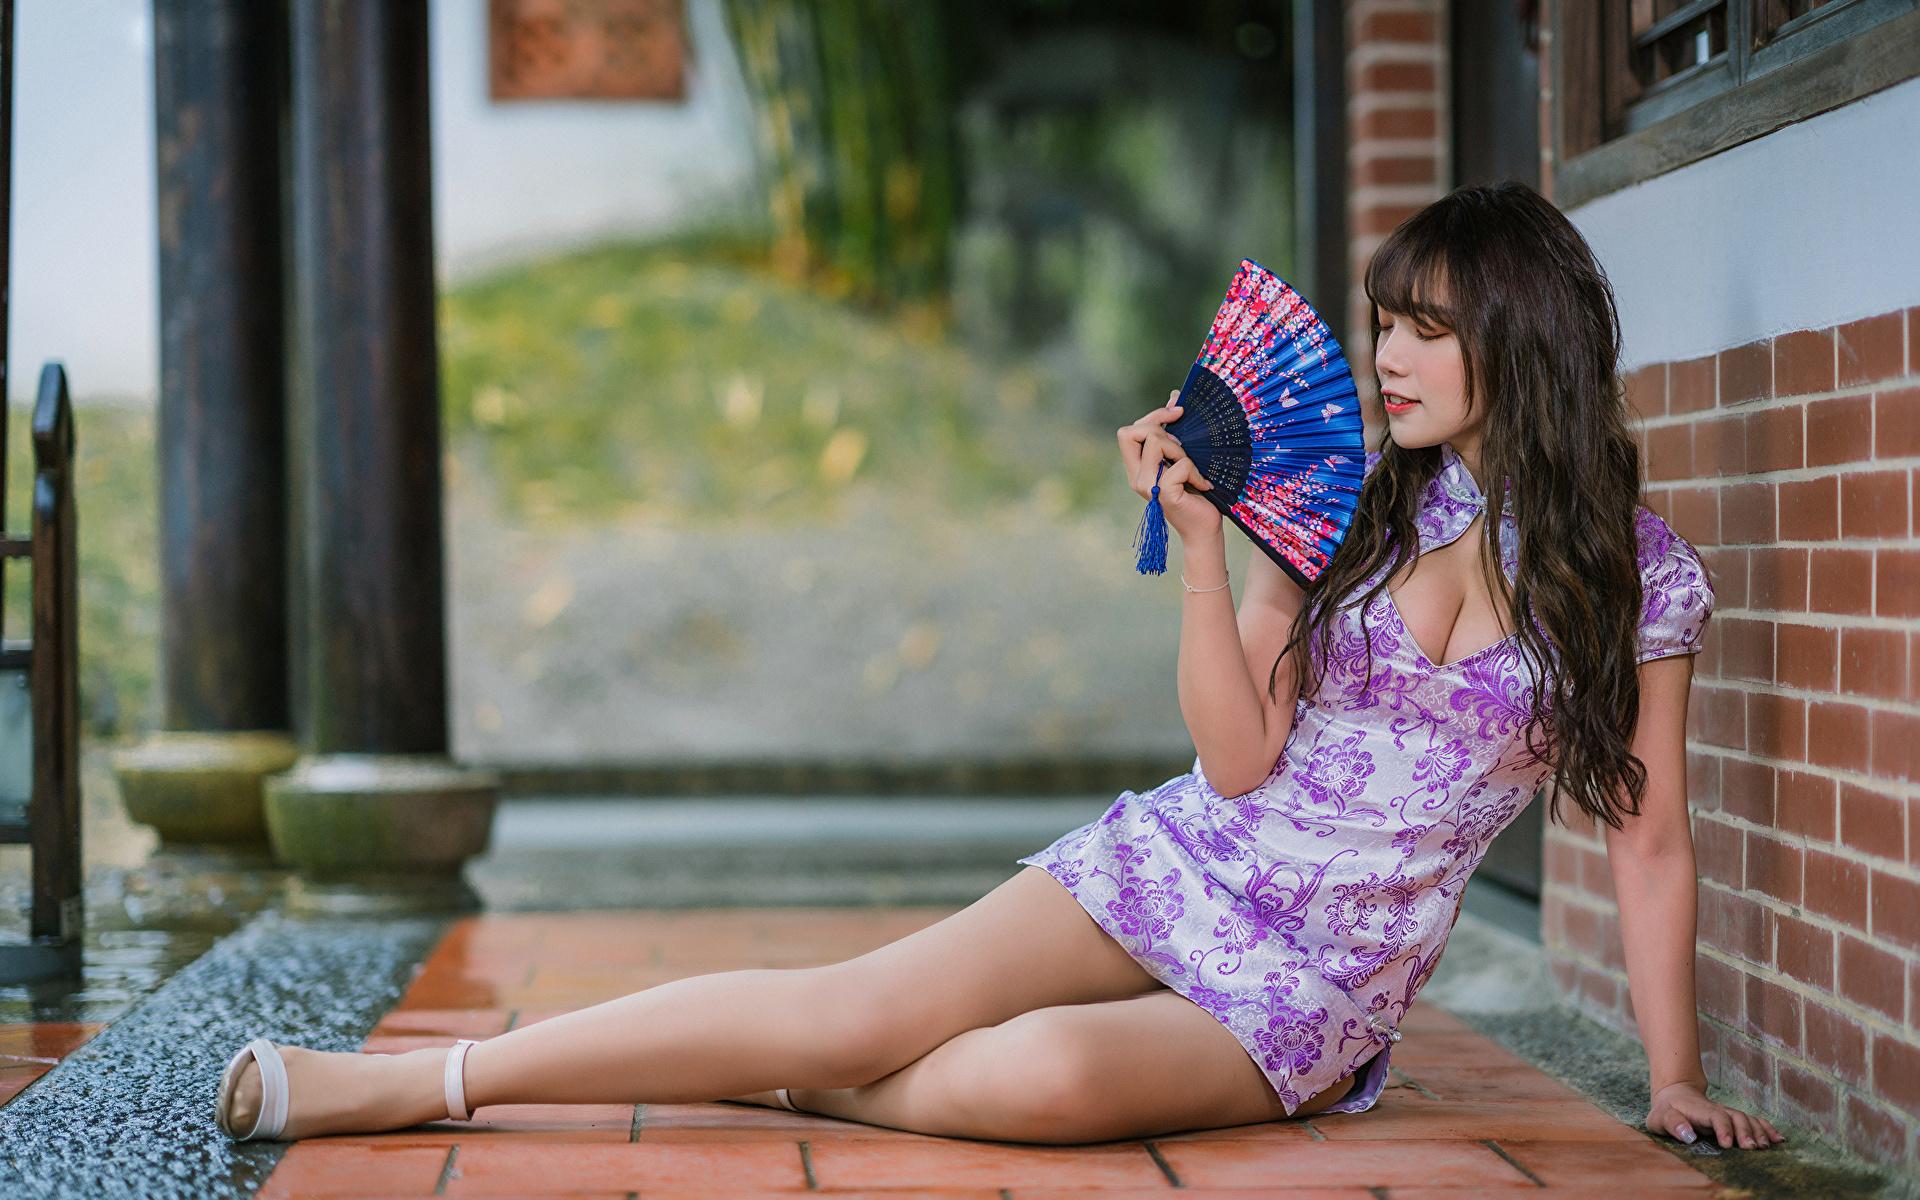 Фотографии Брюнетка Веер Девушки Ноги Азиаты платья 1920x1200 брюнетки брюнеток девушка молодая женщина молодые женщины ног азиатки азиатка Платье